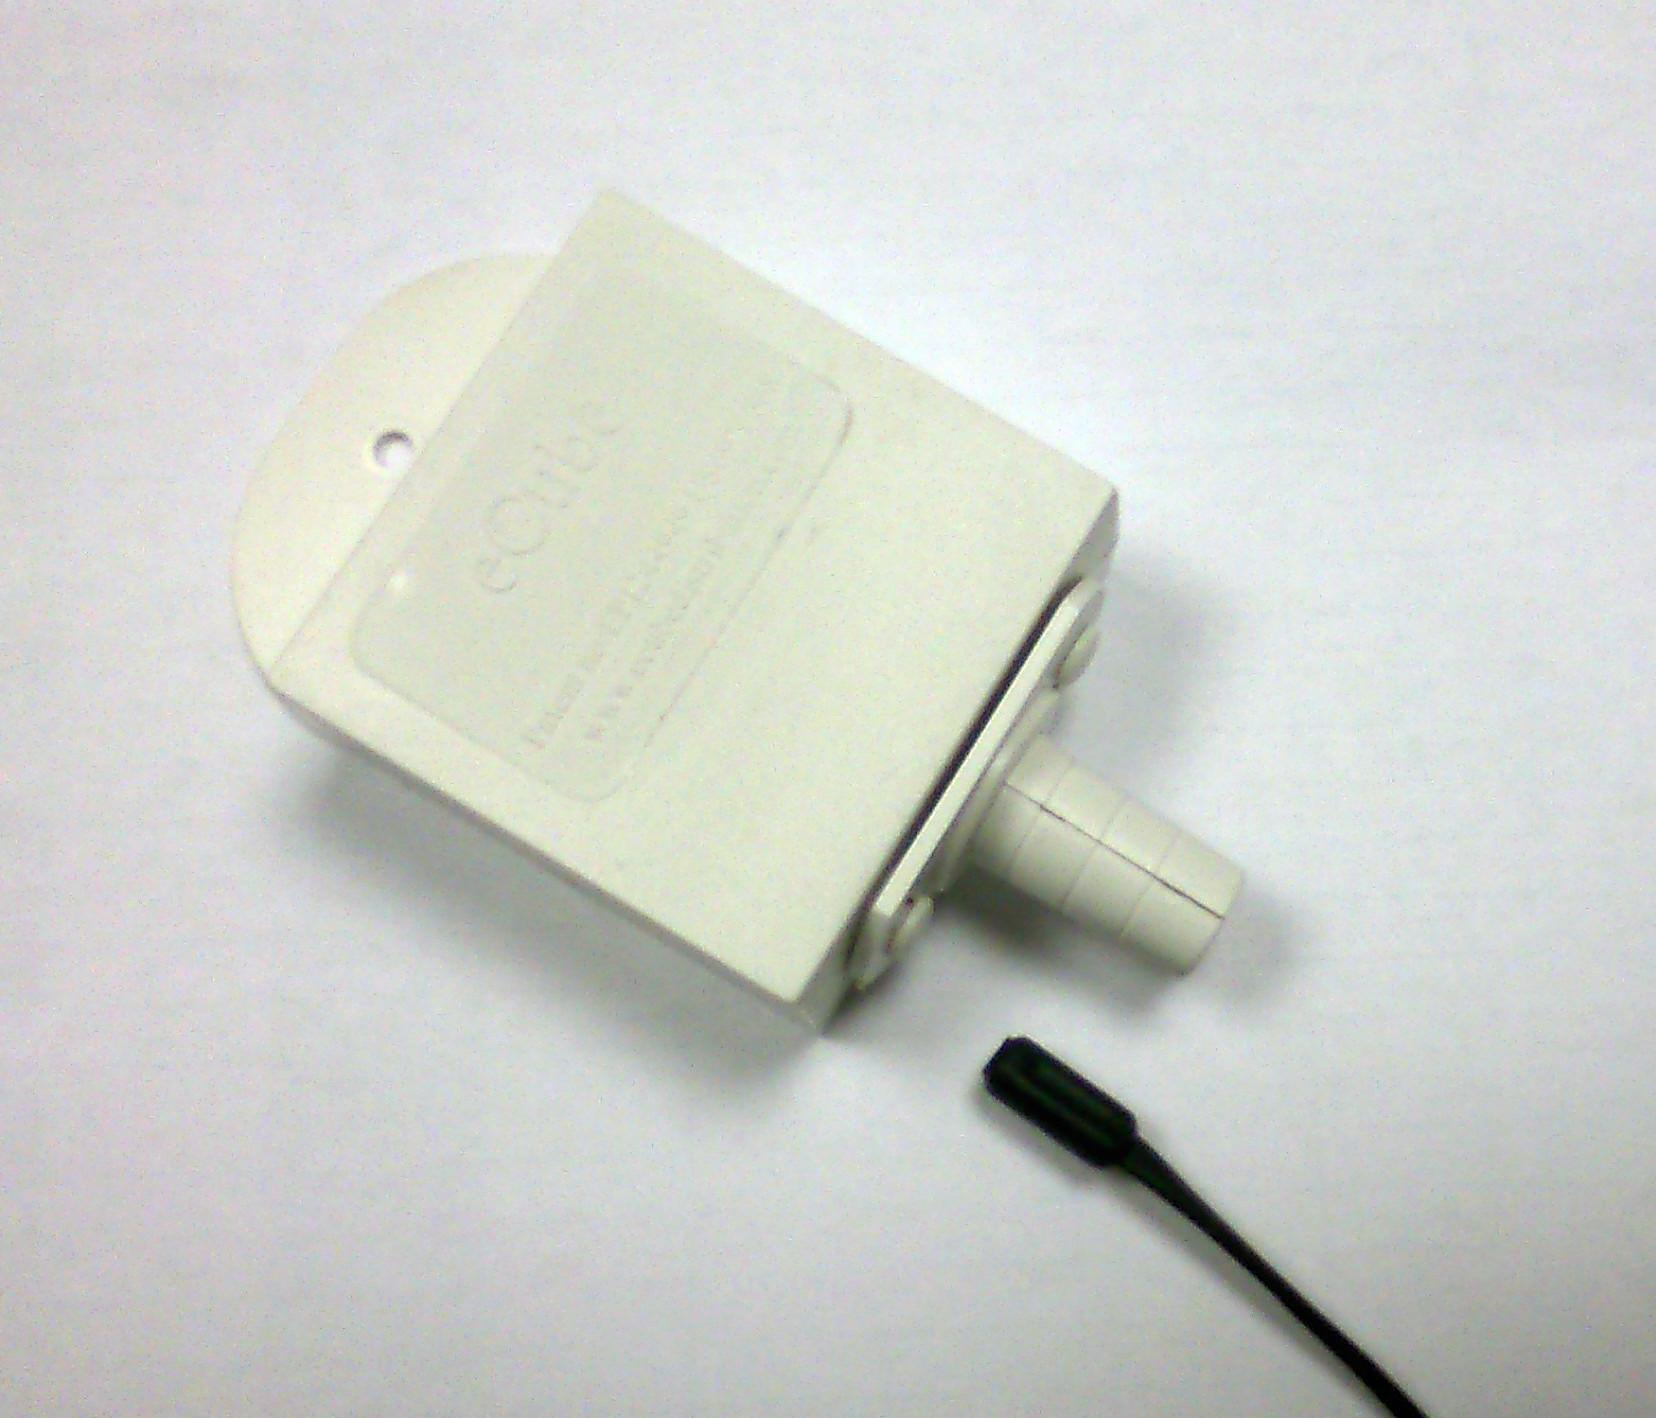 Quest EndoCube with Fridge Temperature Sensor